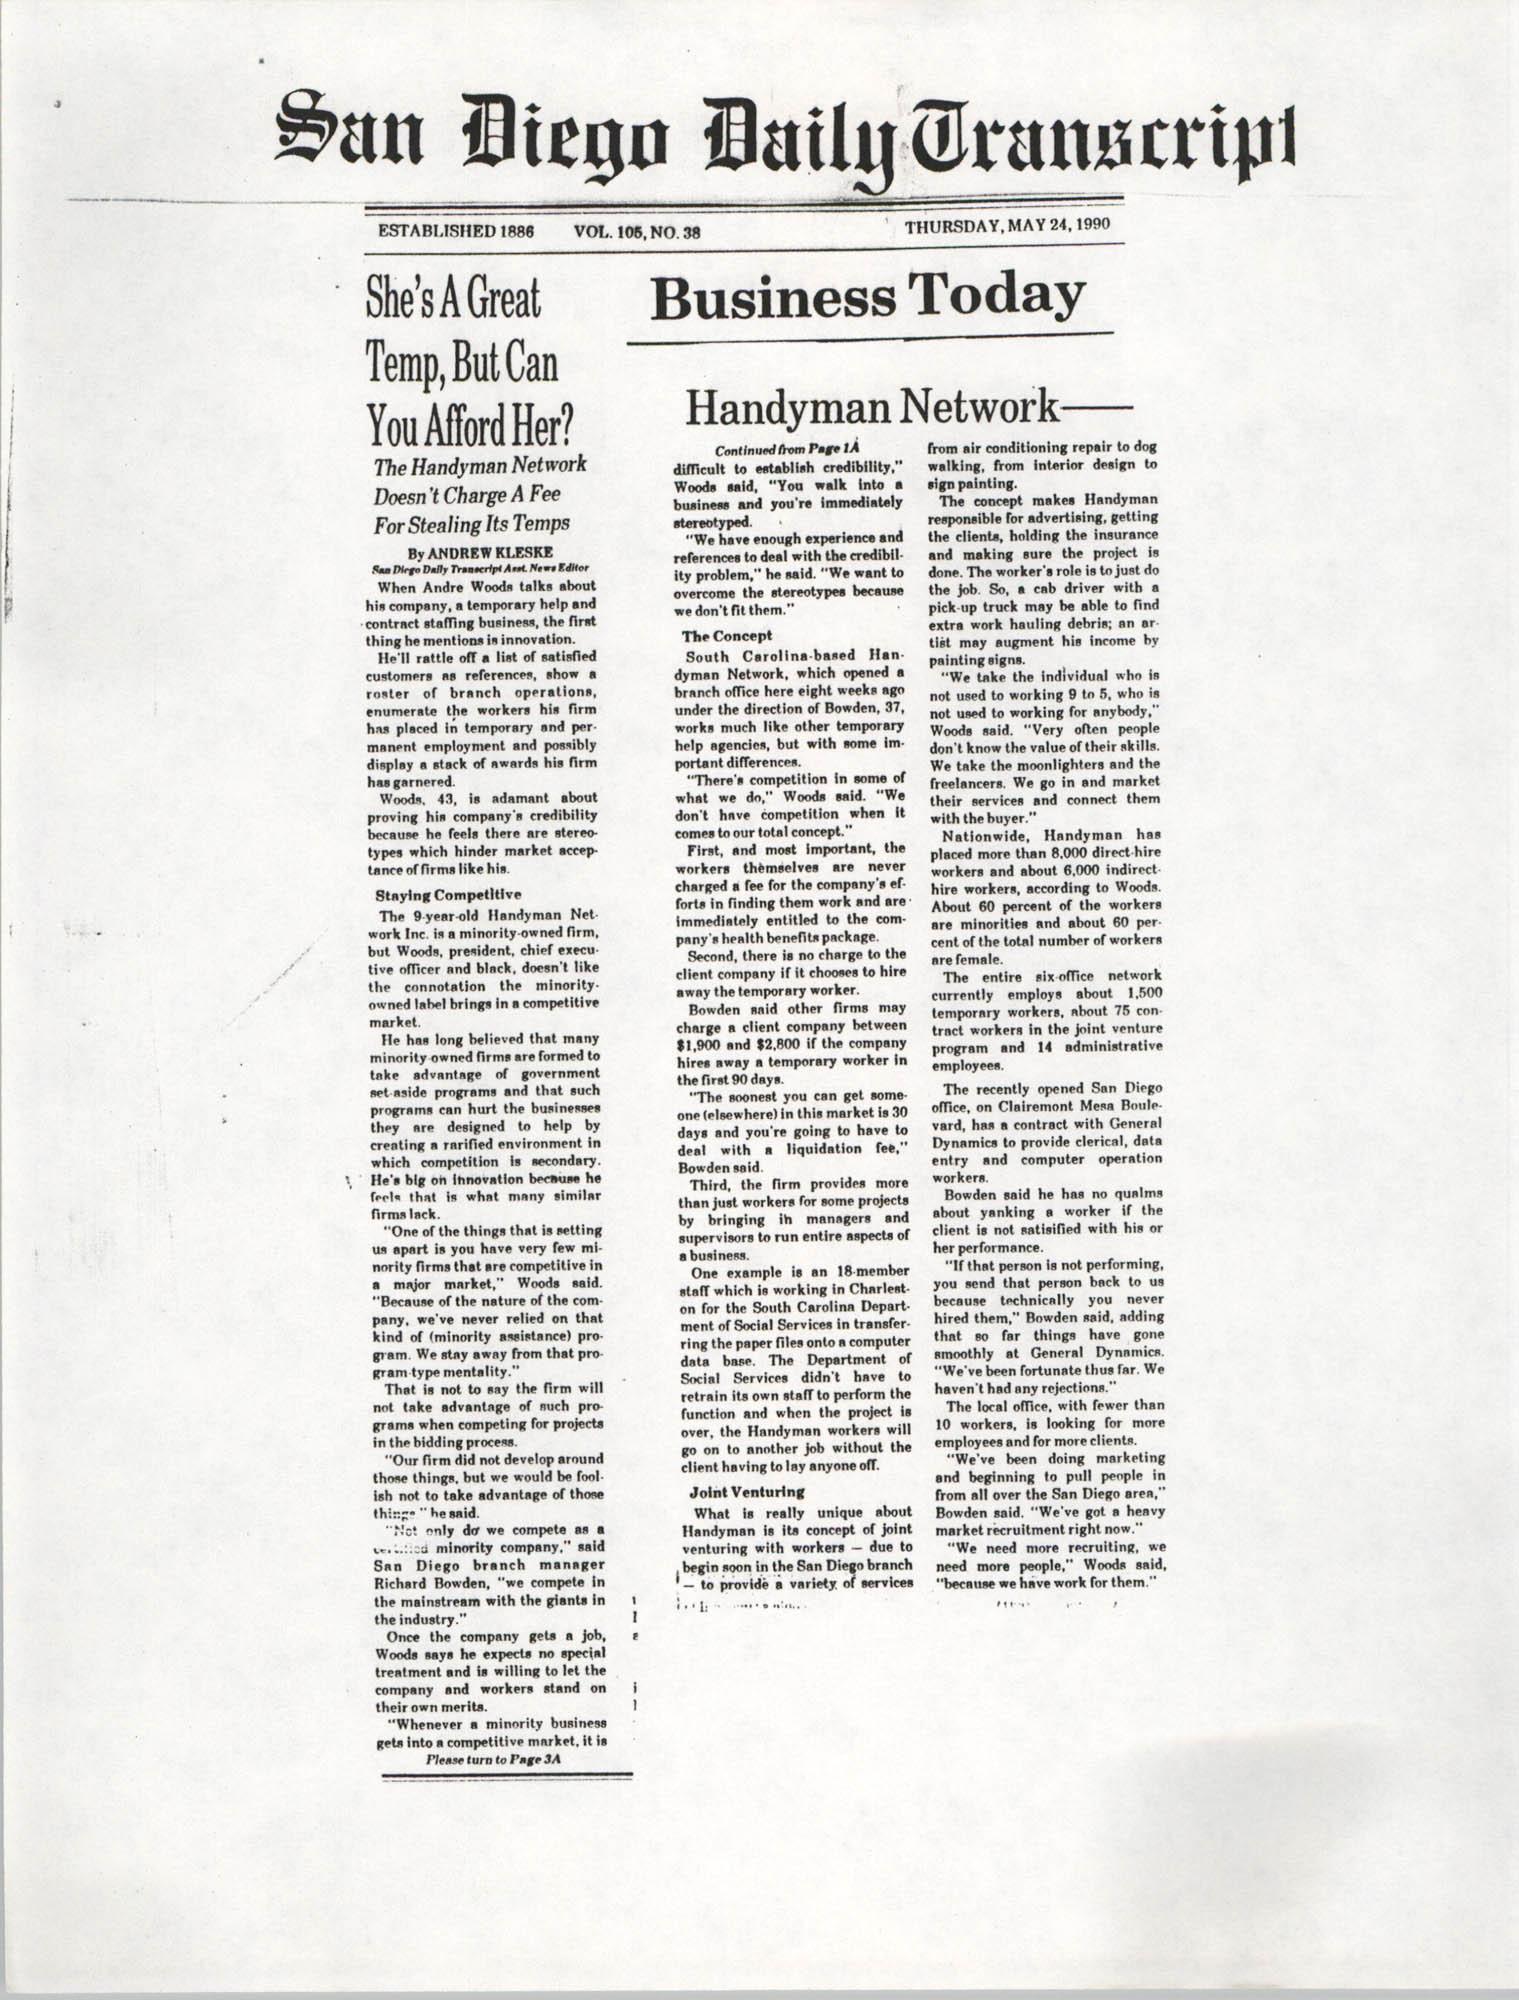 Handyman Network, Inc., San Diego Daily Transcript